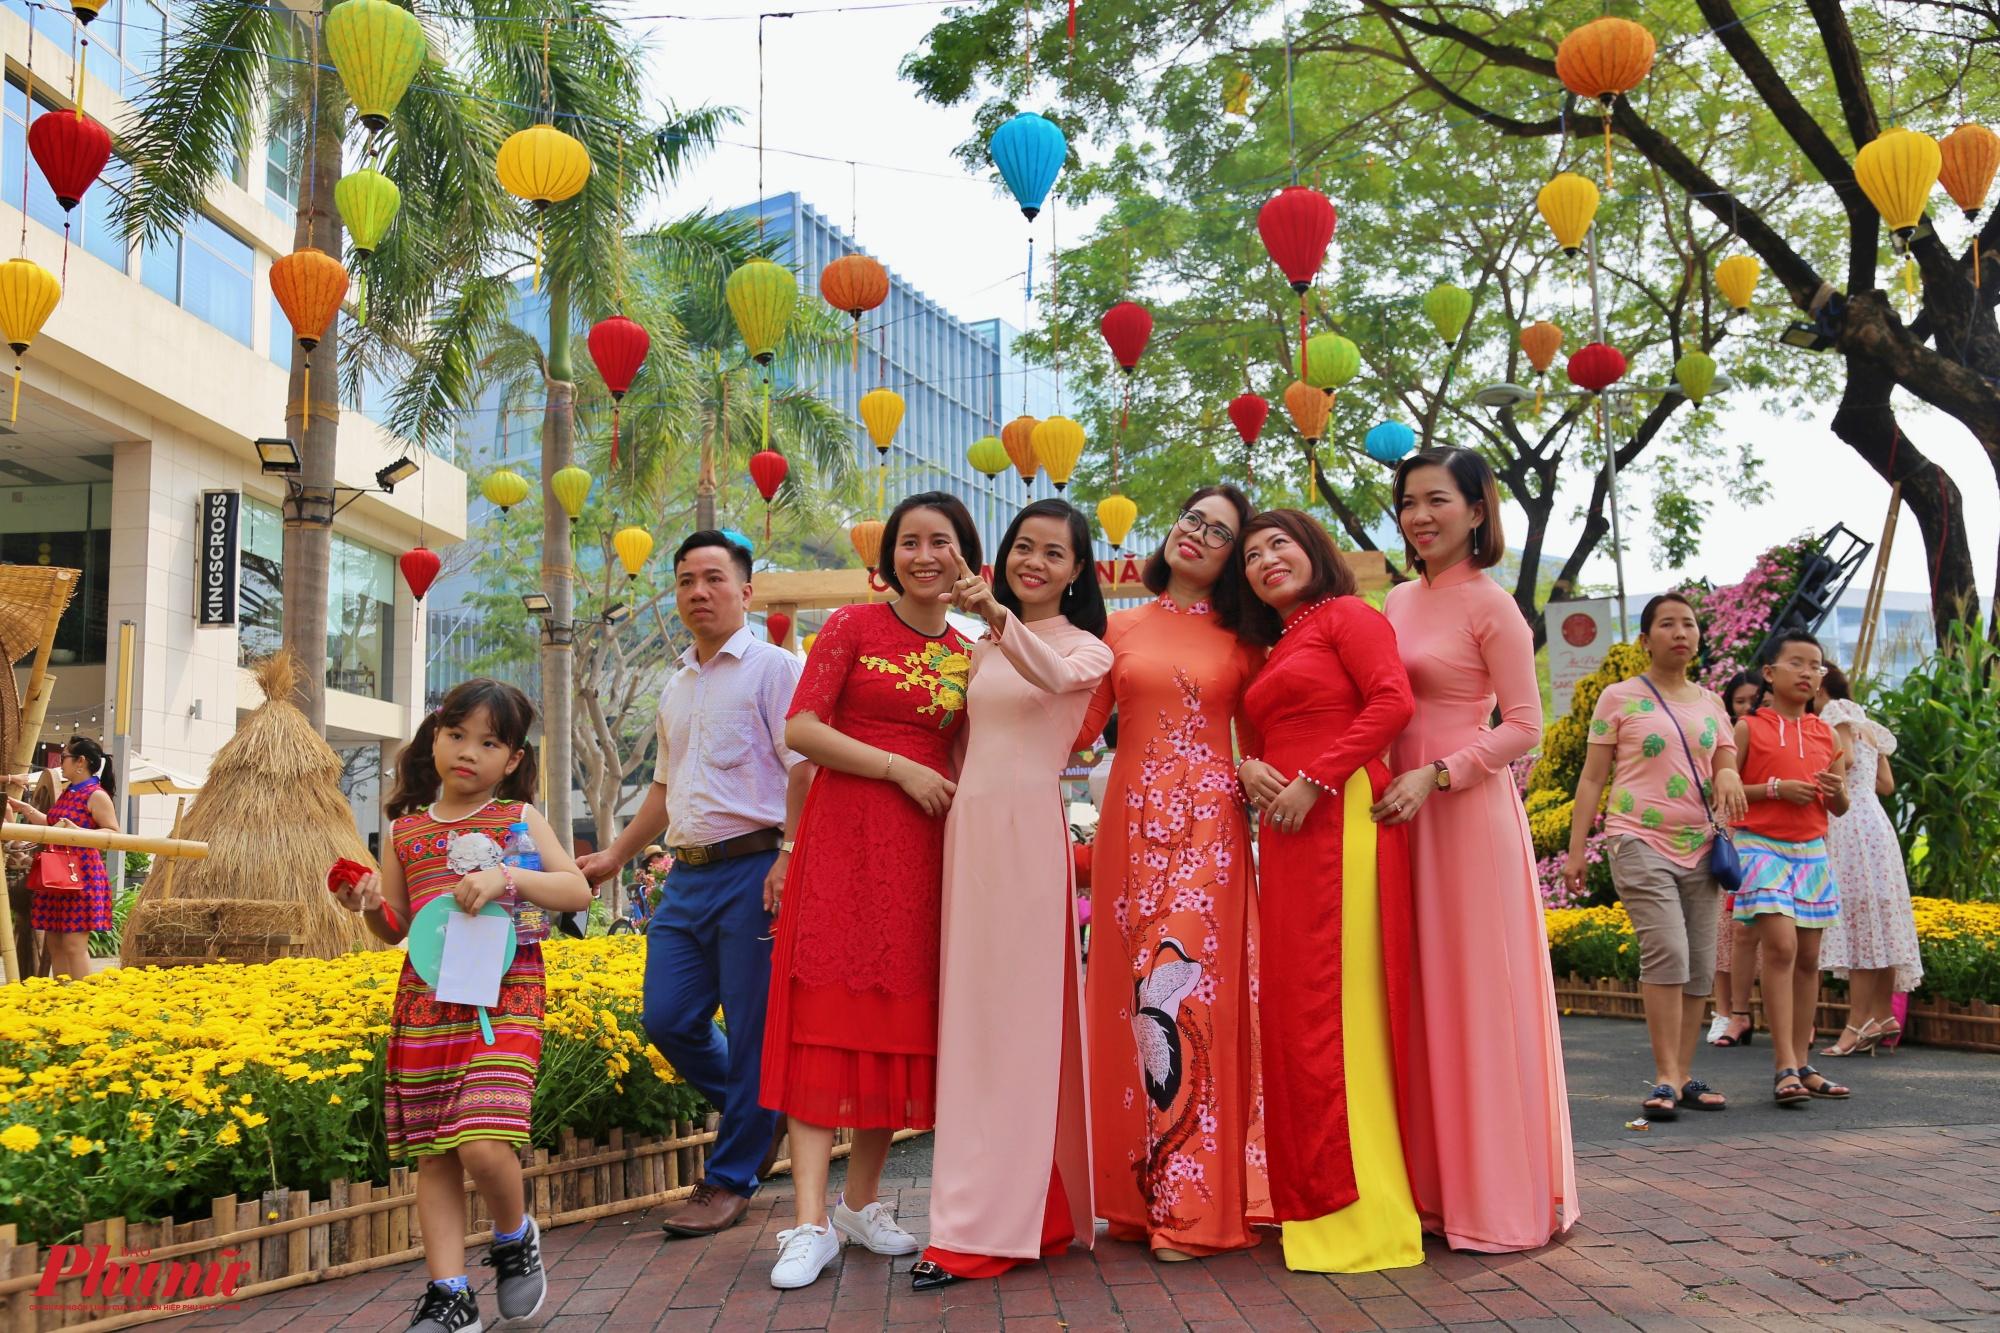 Đường hoa Phú Mỹ Hưng Tết Canh Tý được tổ chức tại khuôn viên rộng đến 7ha, chia làm 4 khu vực chính là đường xuân, bến xuân, vườn xuân và góp xuân.